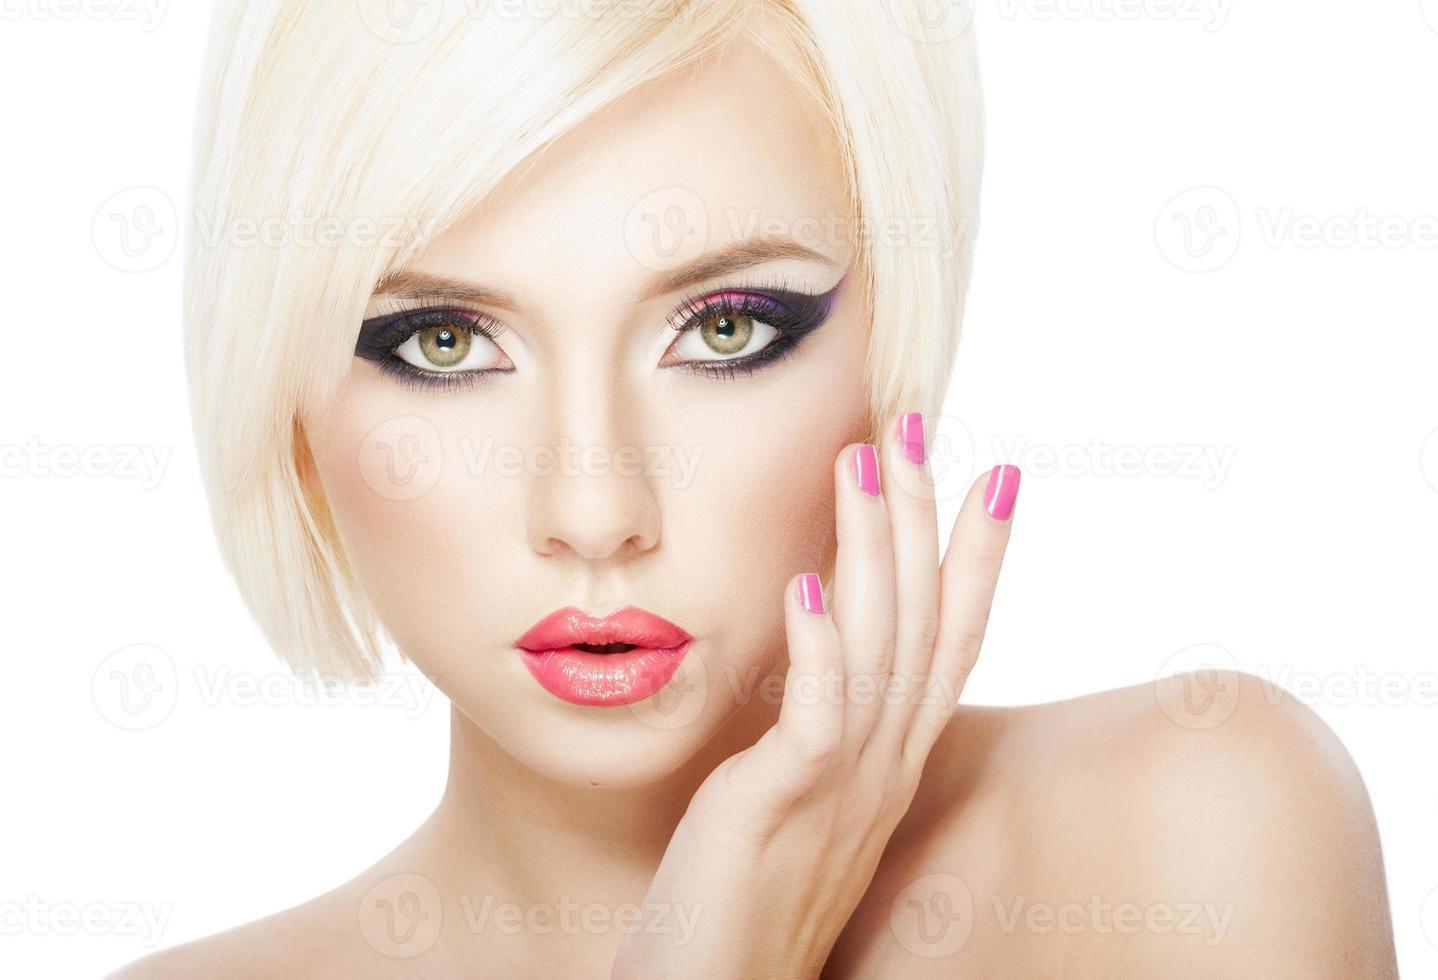 femme cheveux blonds photo